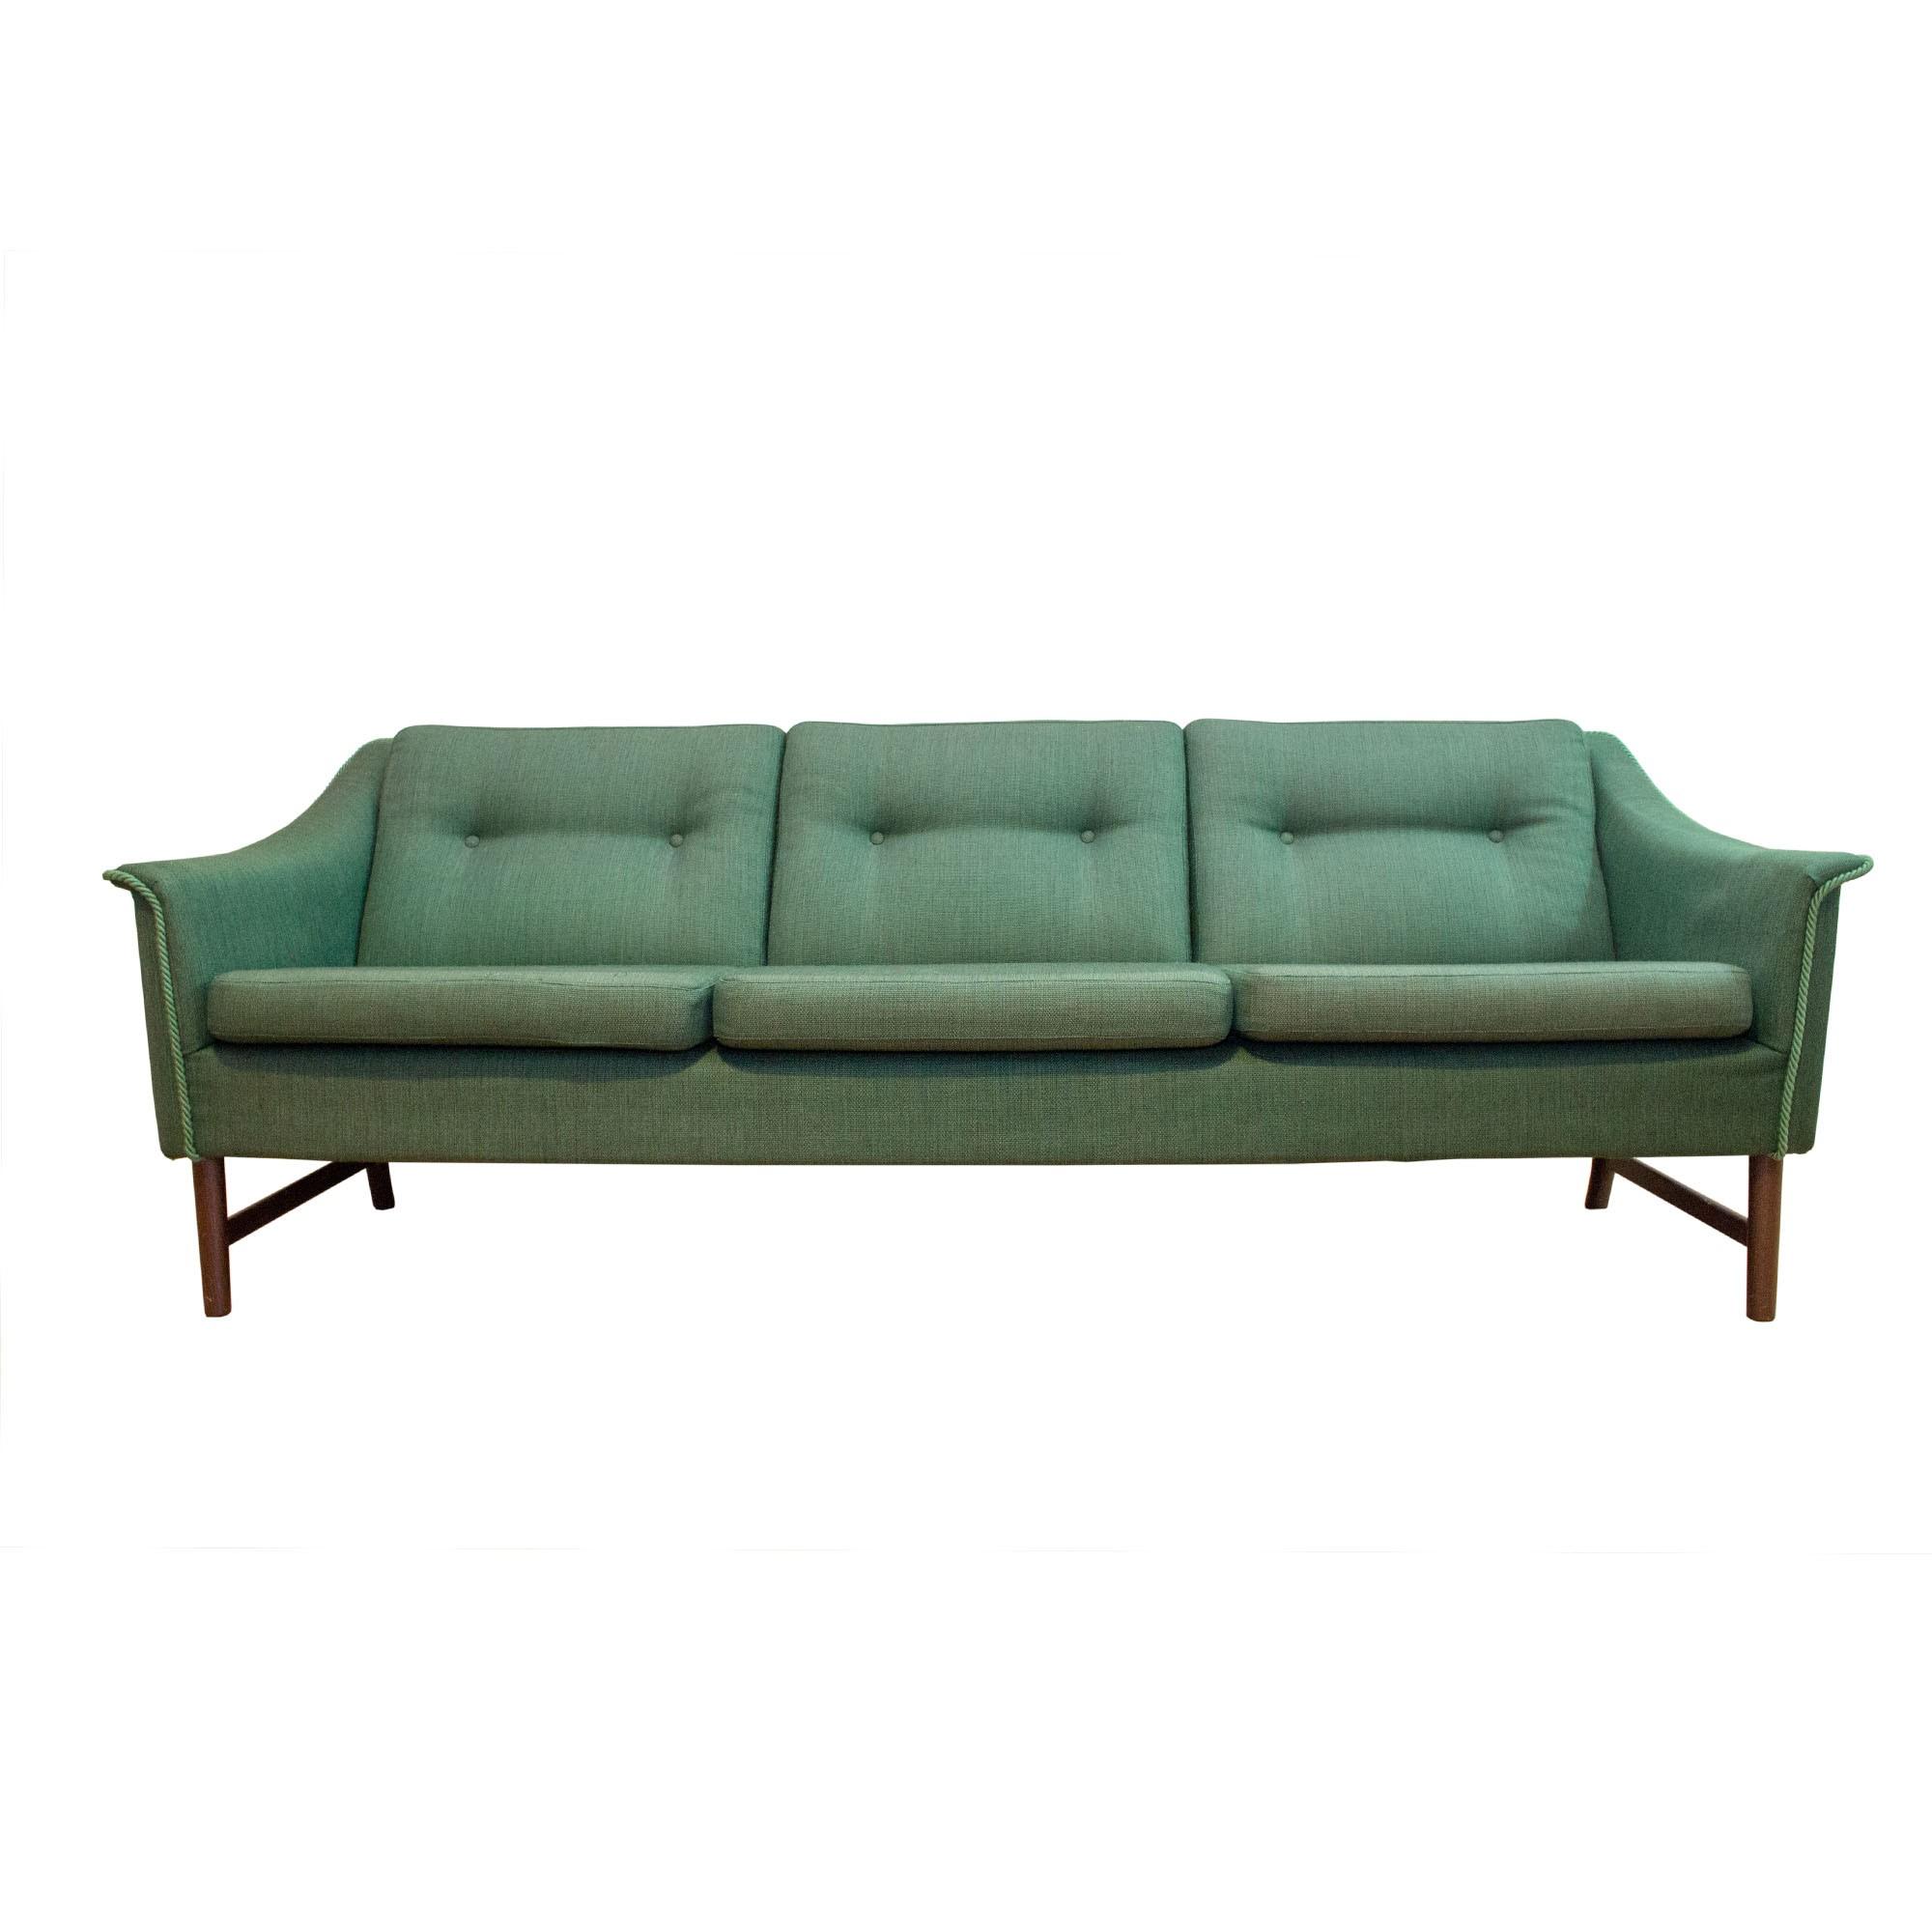 3 seater green sofa designed by Torbj¸rn Afdal 1960s Design Market